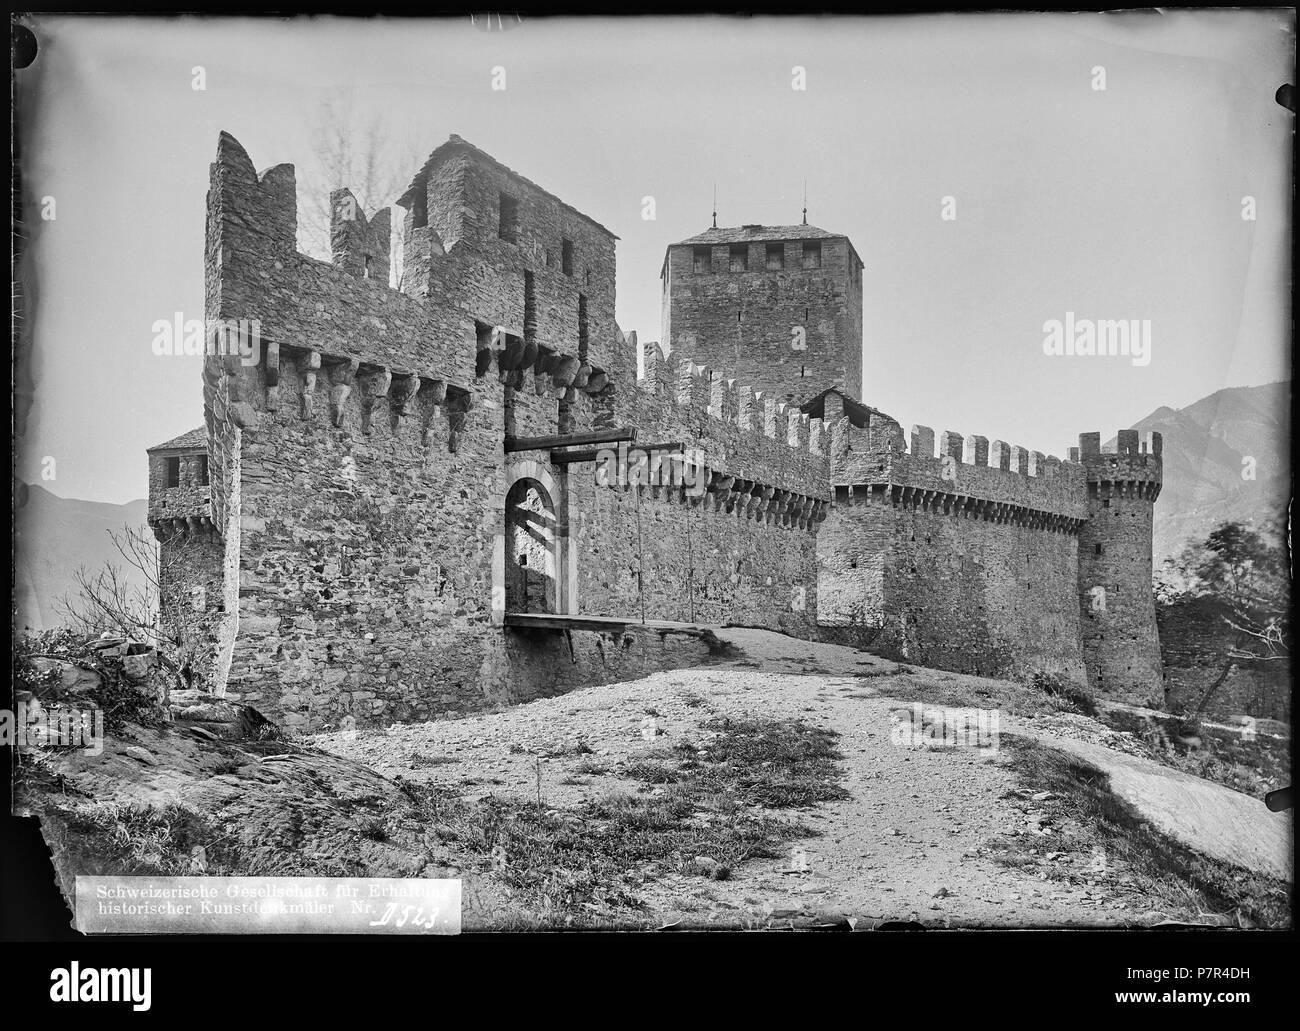 Bellinzona, Castello di Montebello, vue d'ensemble; Vue d'ensemble du sud du Château de Montebello et principalement de son pont-levis et de la route y menant, à Bellinzone dans le canton du Tessin. 1904 67 CH-NB - Bellinzona, Castello di Montebello, vue d'ensemble - Collection Max van Berchem - EAD-7110 - Stock Image